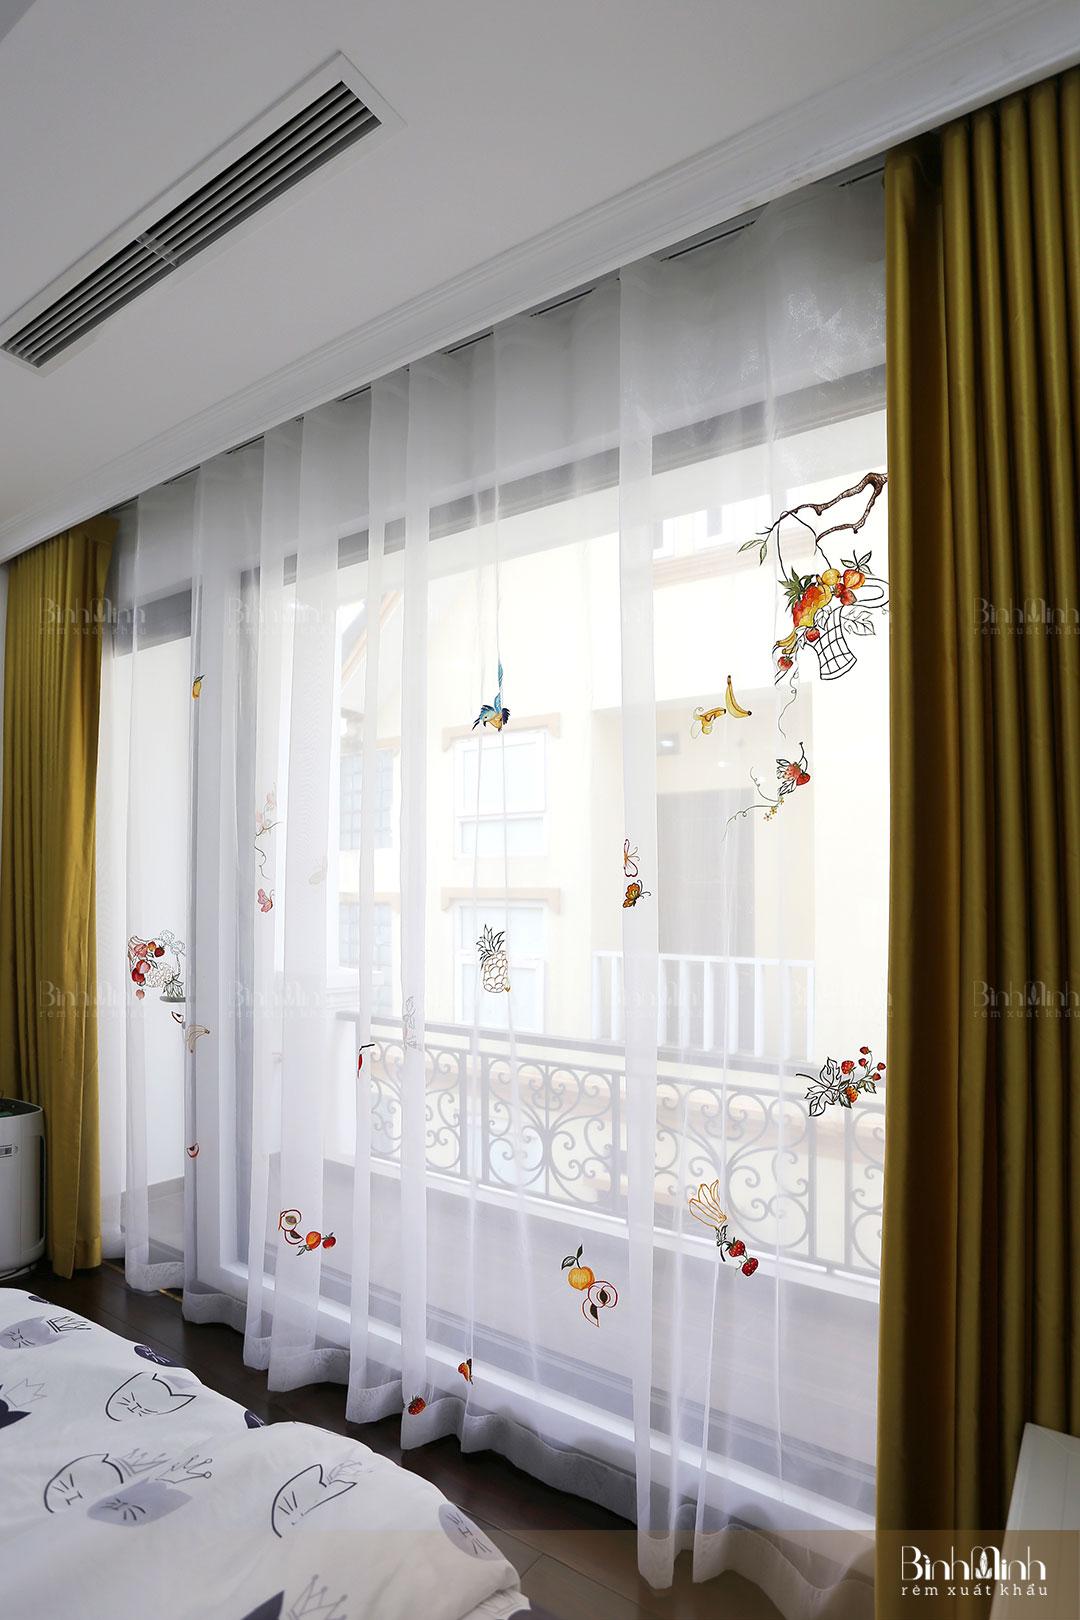 Lắp đặt rèm cửa sổ Nam Từ Liêm - Hà Nội chất lượng giá tốt nhất